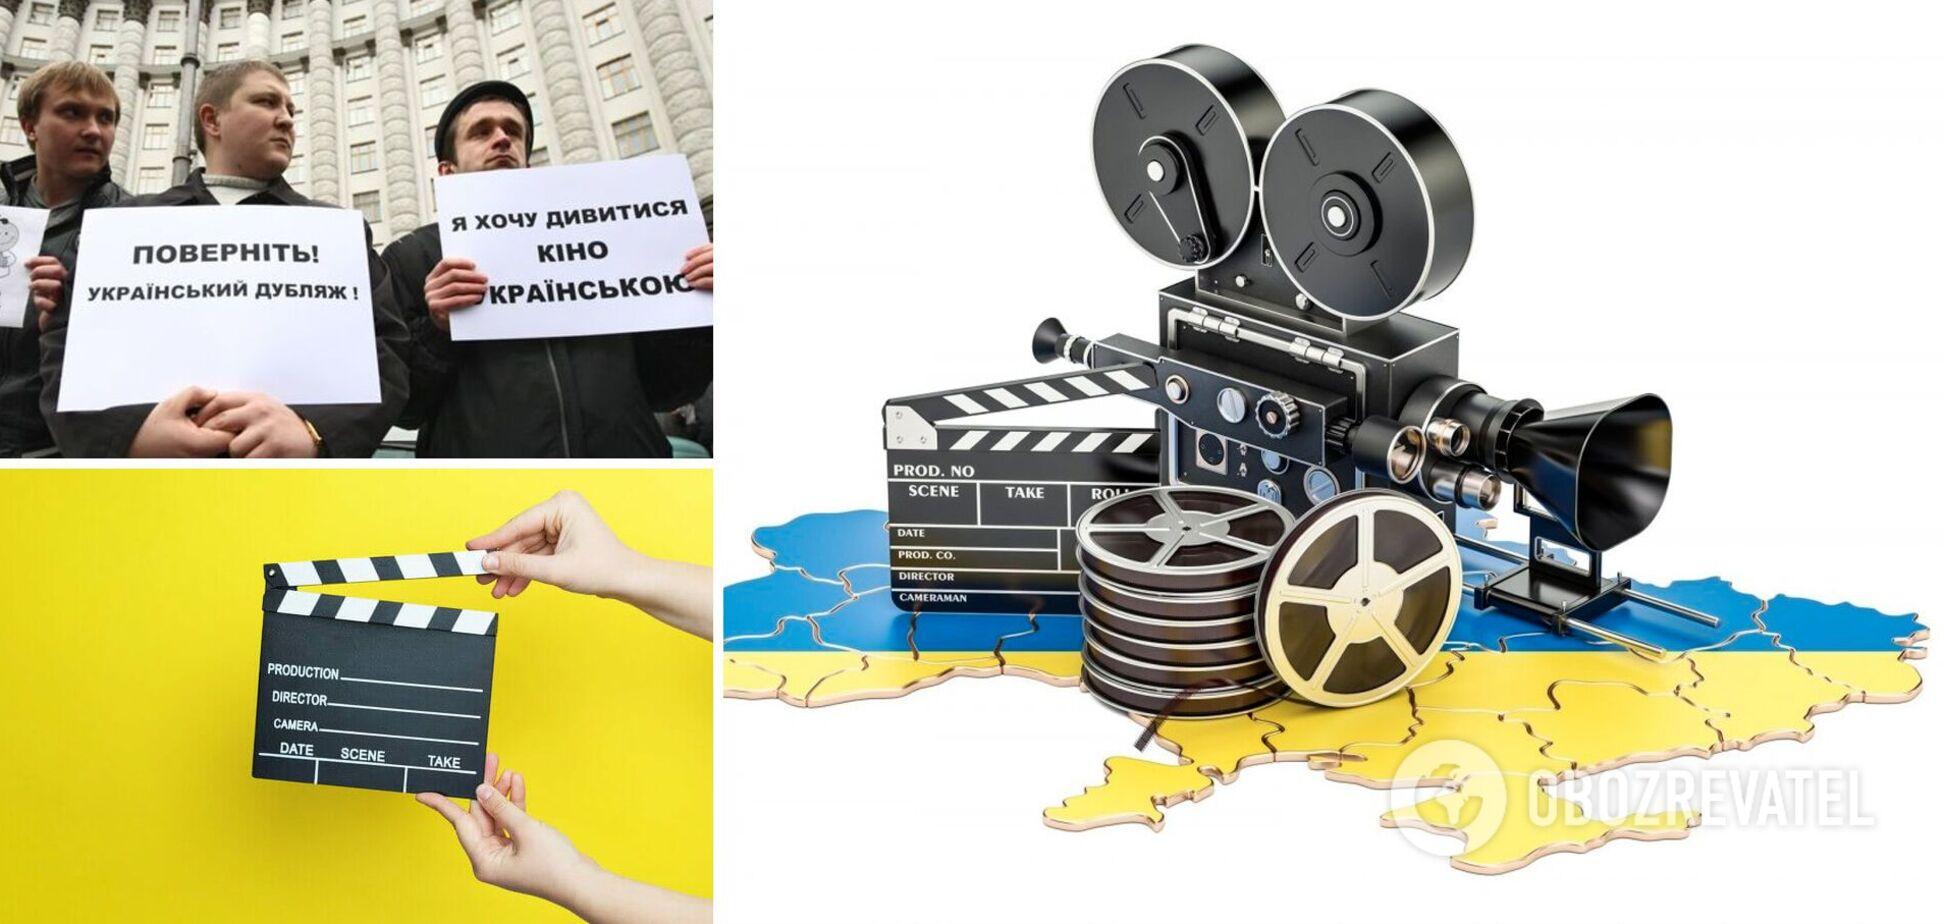 Украинскому языку в кино быть: 'слуги' не будут менять закон